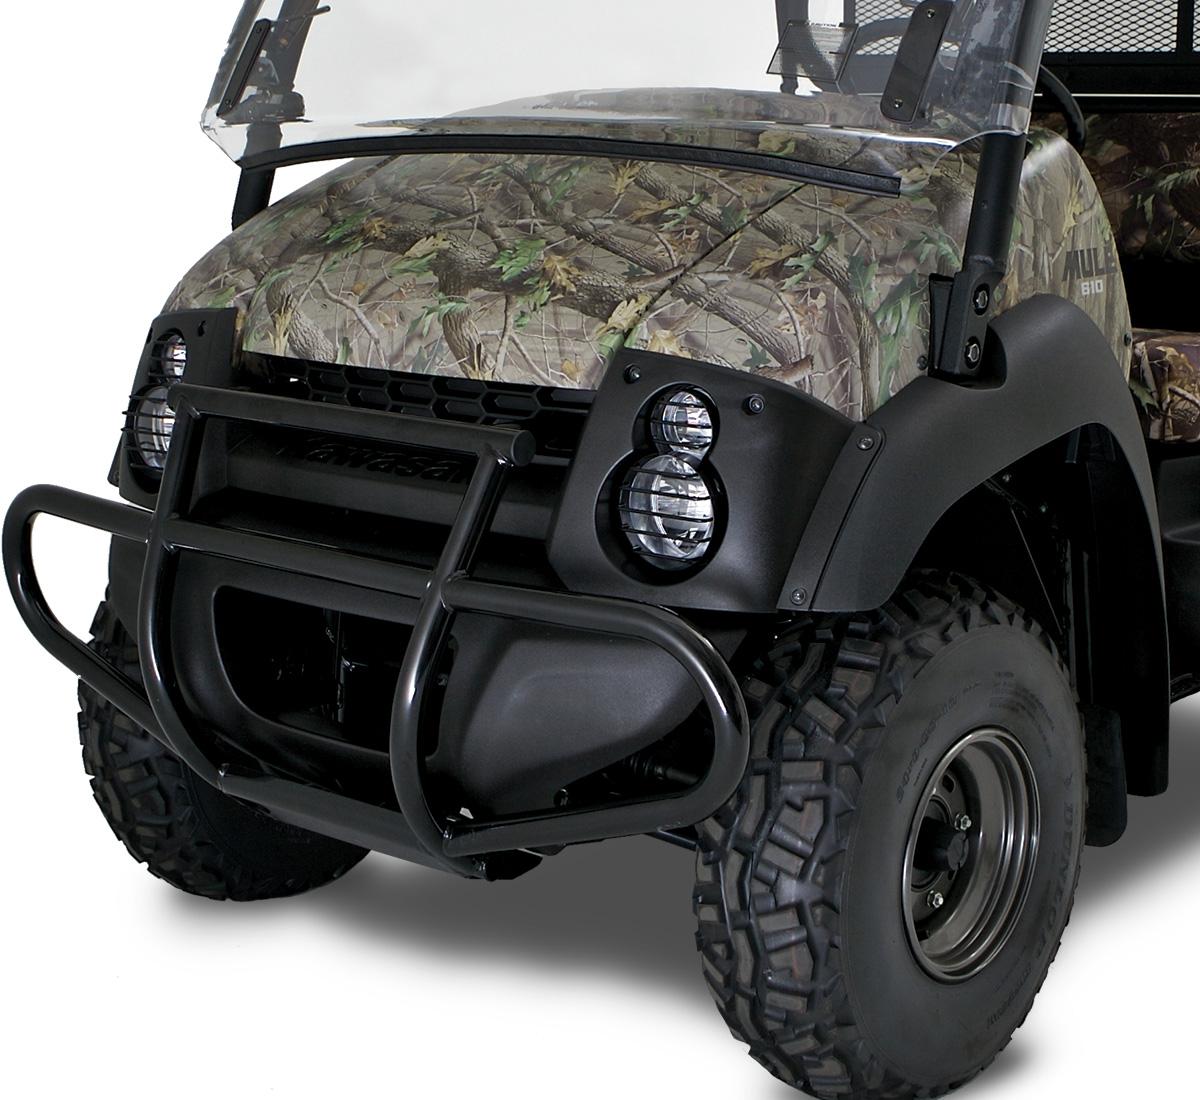 2015 mule™ 610 4x4 brush guard